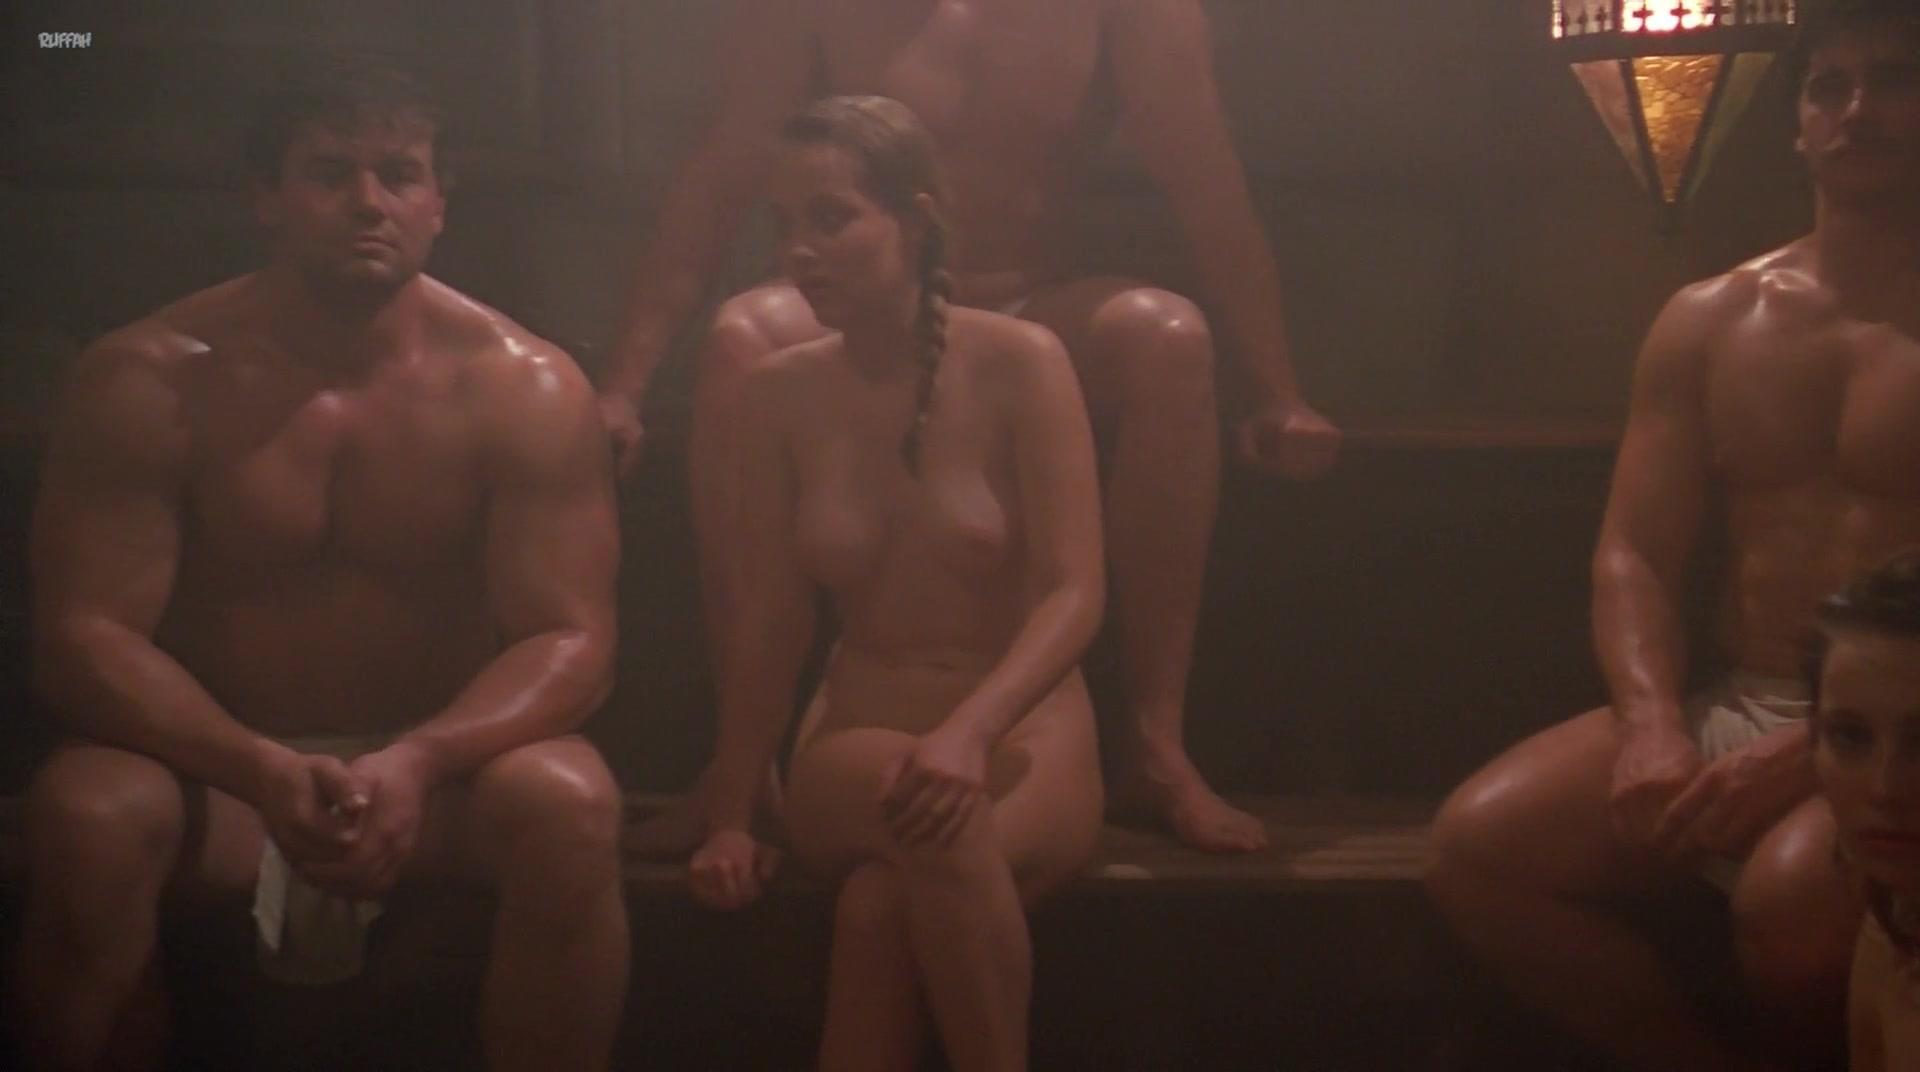 Nude pics sauna Sauna @